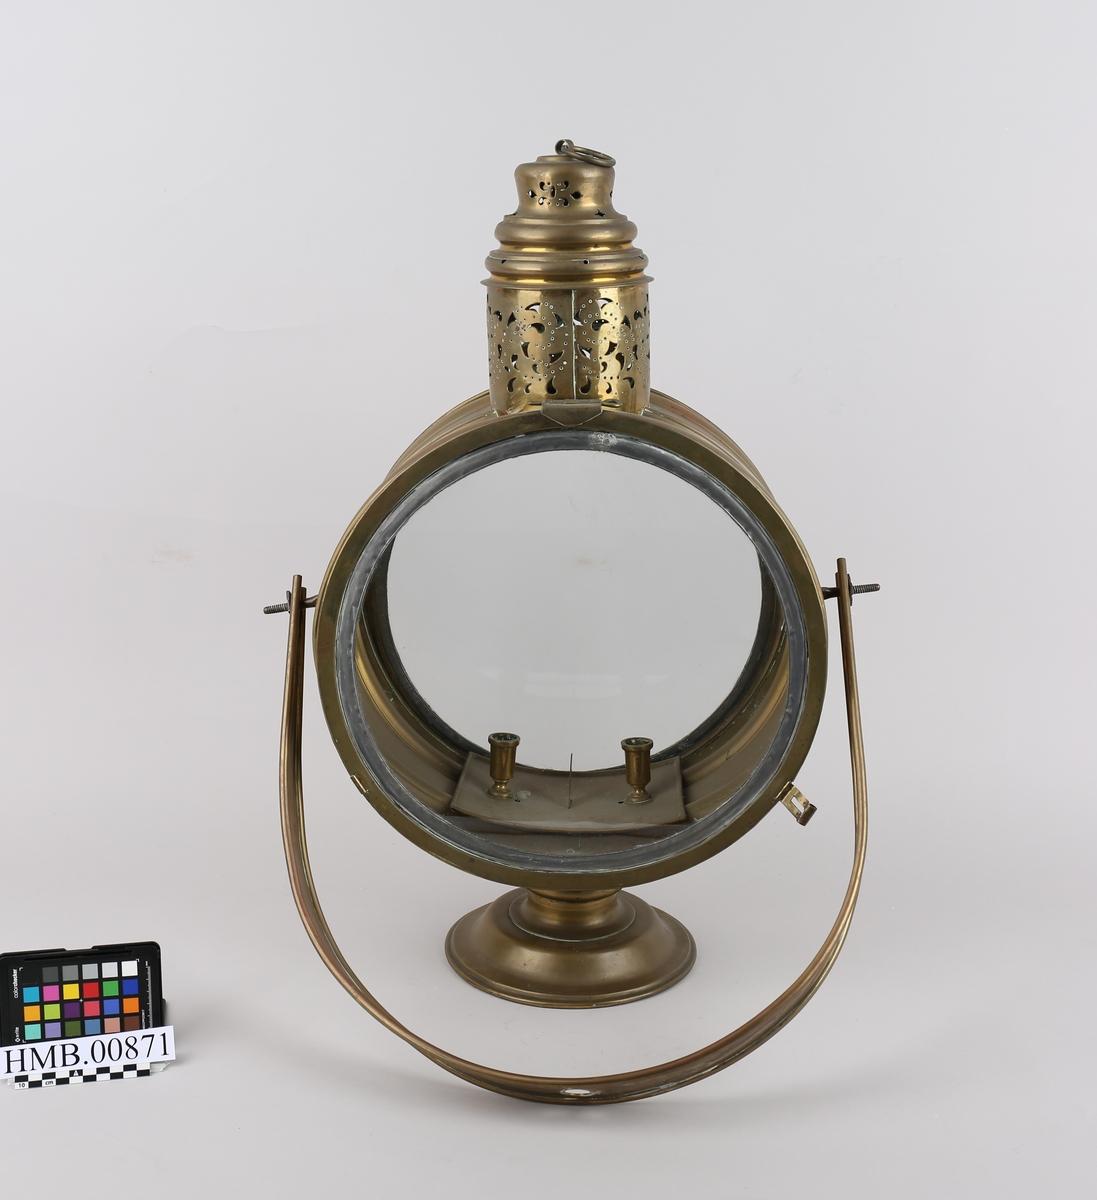 Sirkulær messinglykt på stang i dreid tre. Runde glassdører på for og bakside som kan åpnes. Plass til to stearinlys inni lampen.